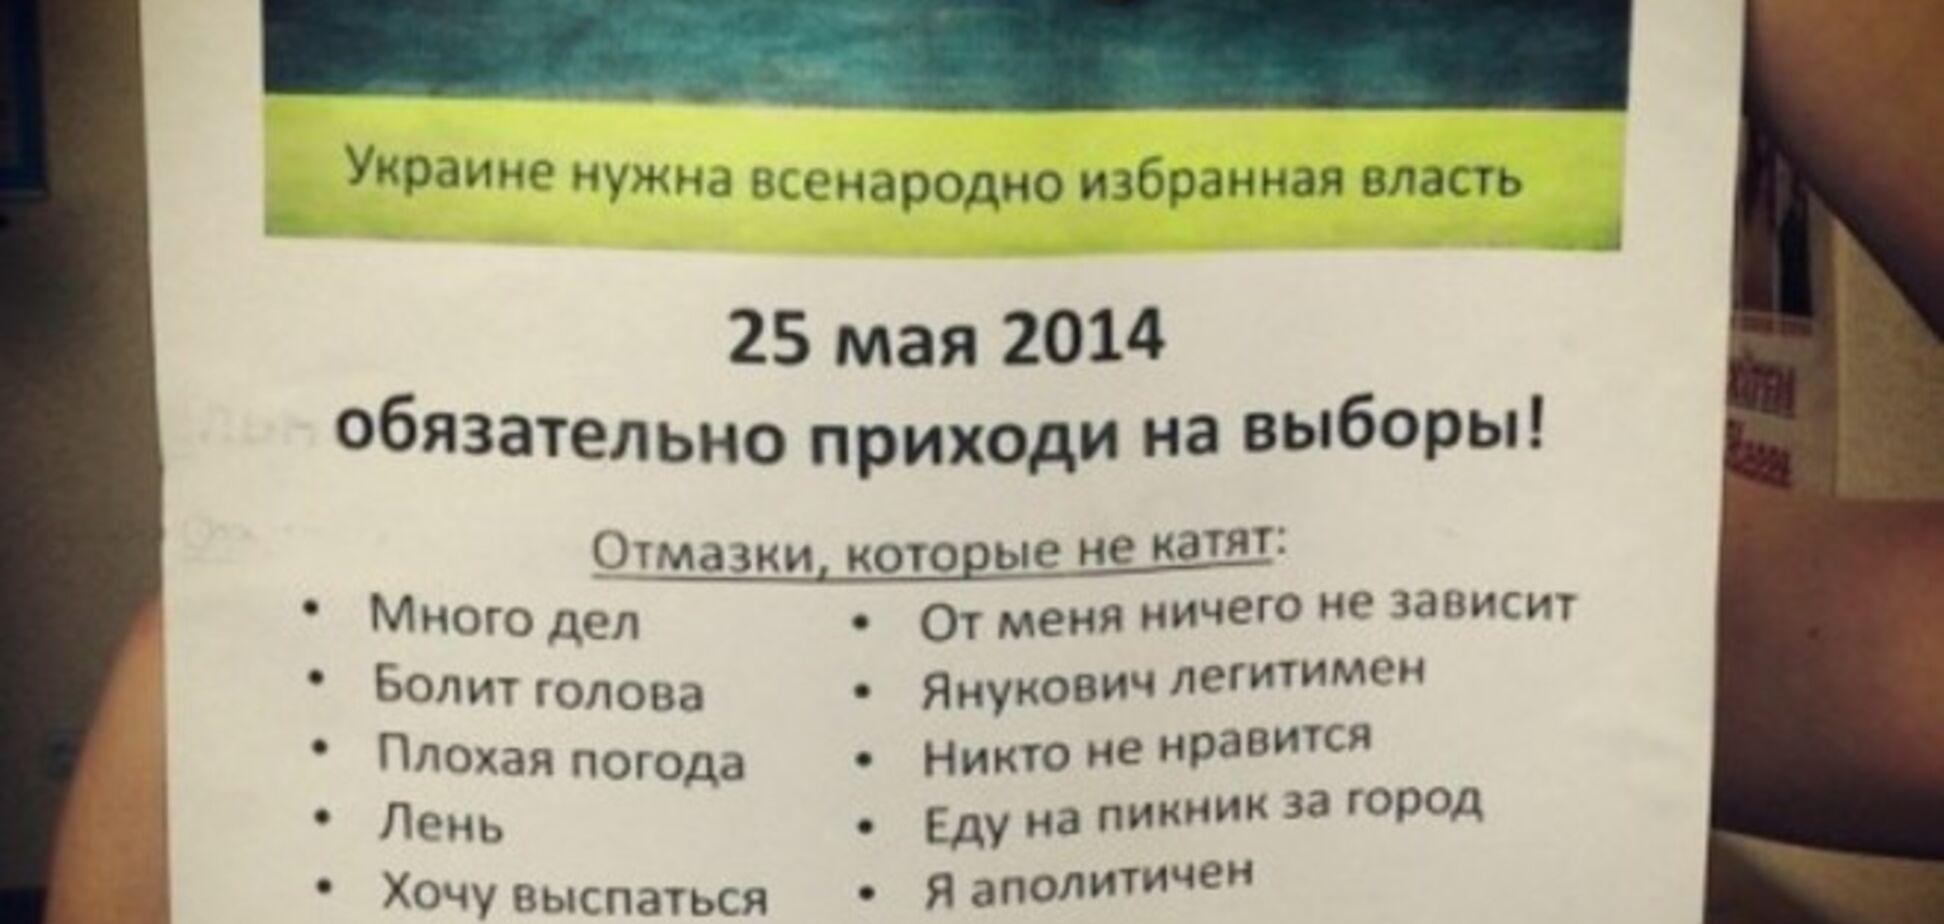 Мережа підірвали фотожаби на тему виборів Президента в Україні